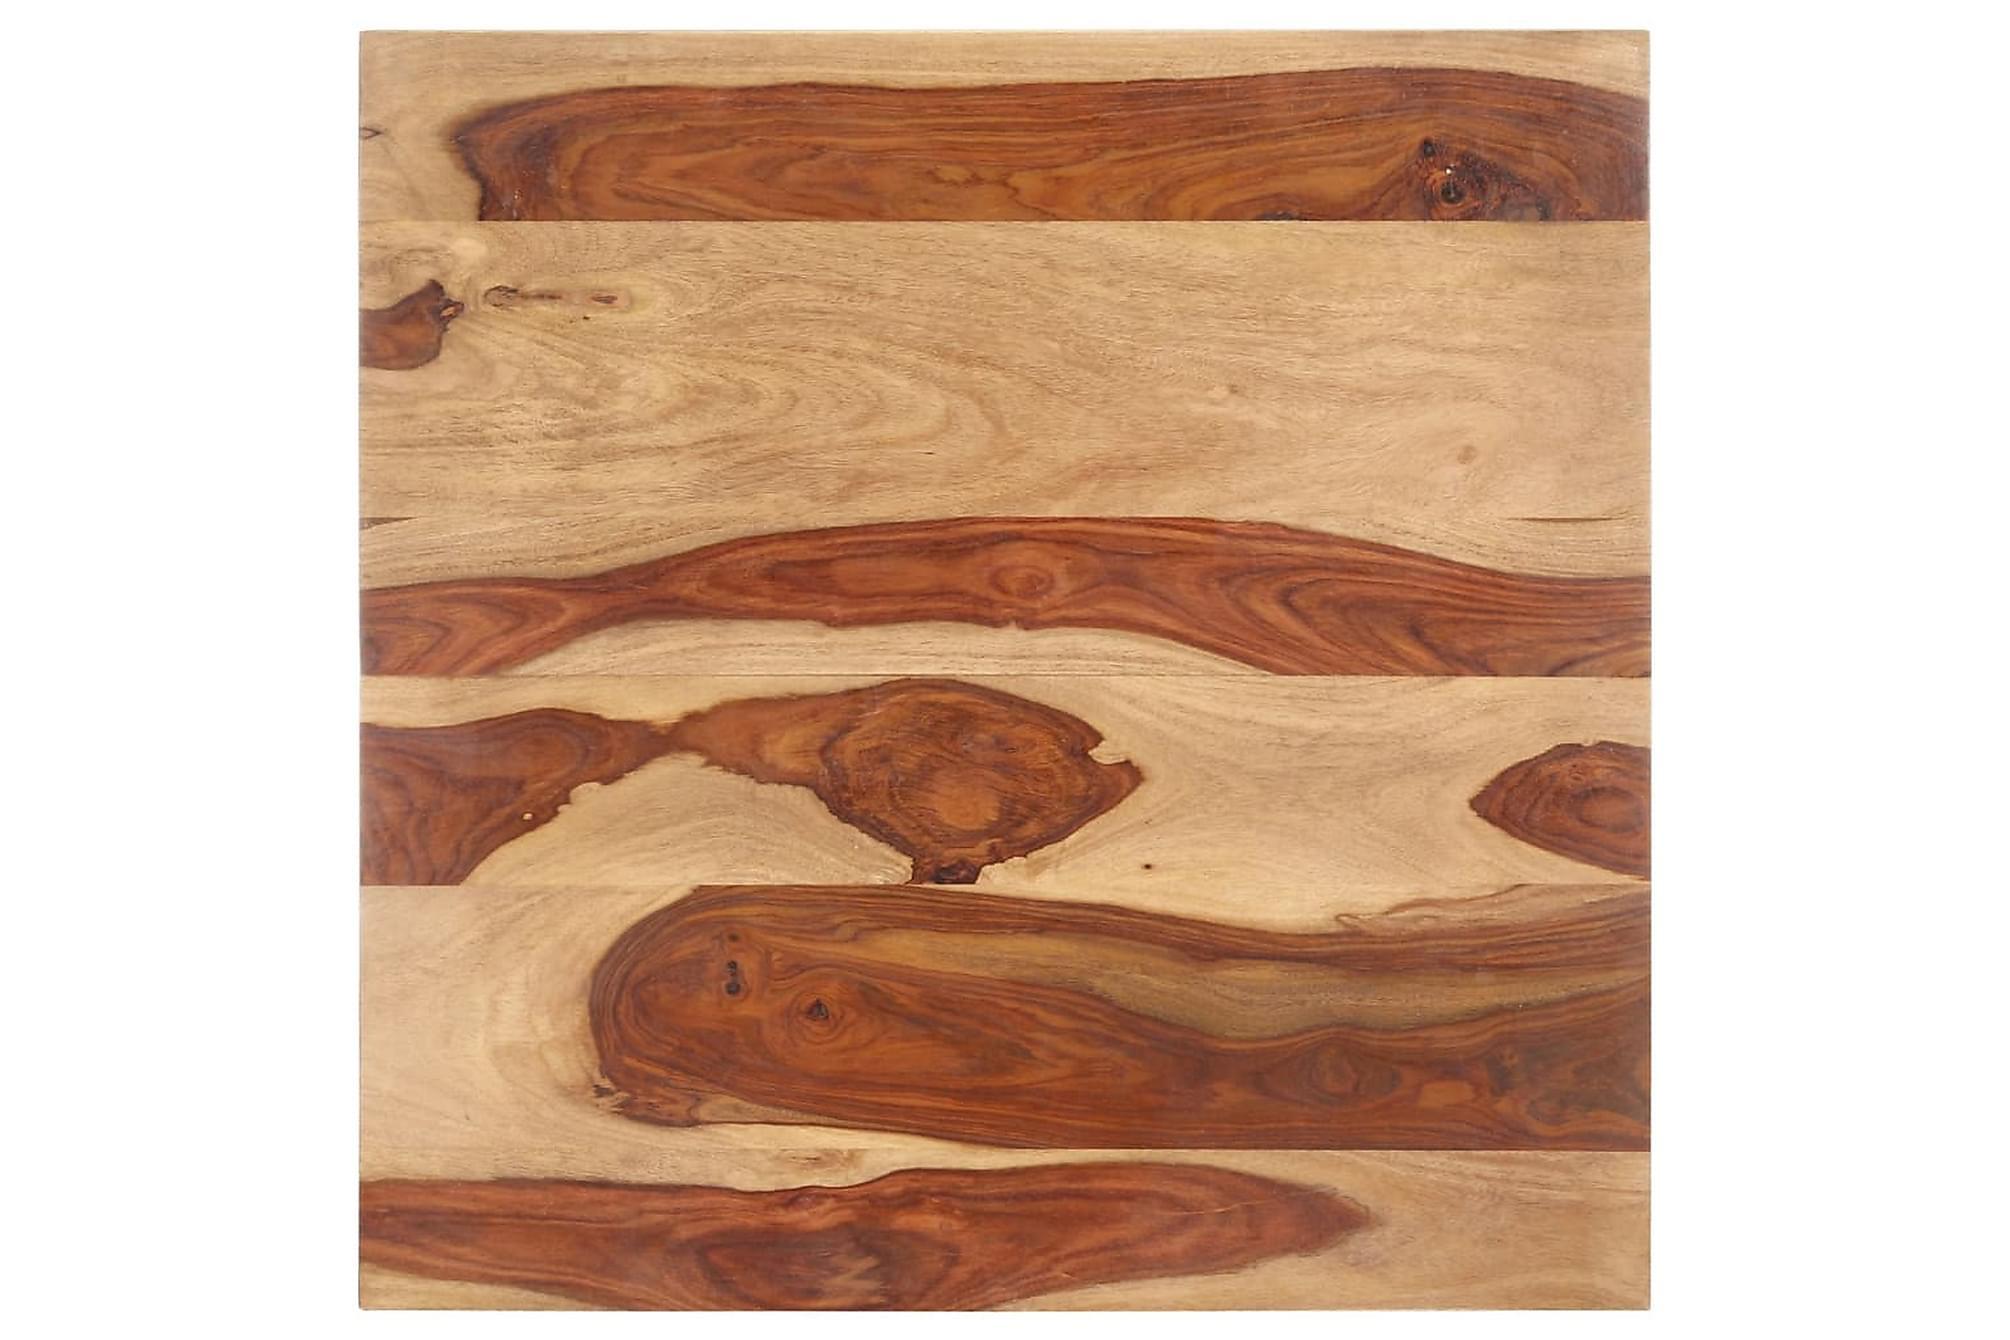 Bordsskiva i massivt sheshamträ 25-27 mm 70x70 cm, Bordsben & tillbehör